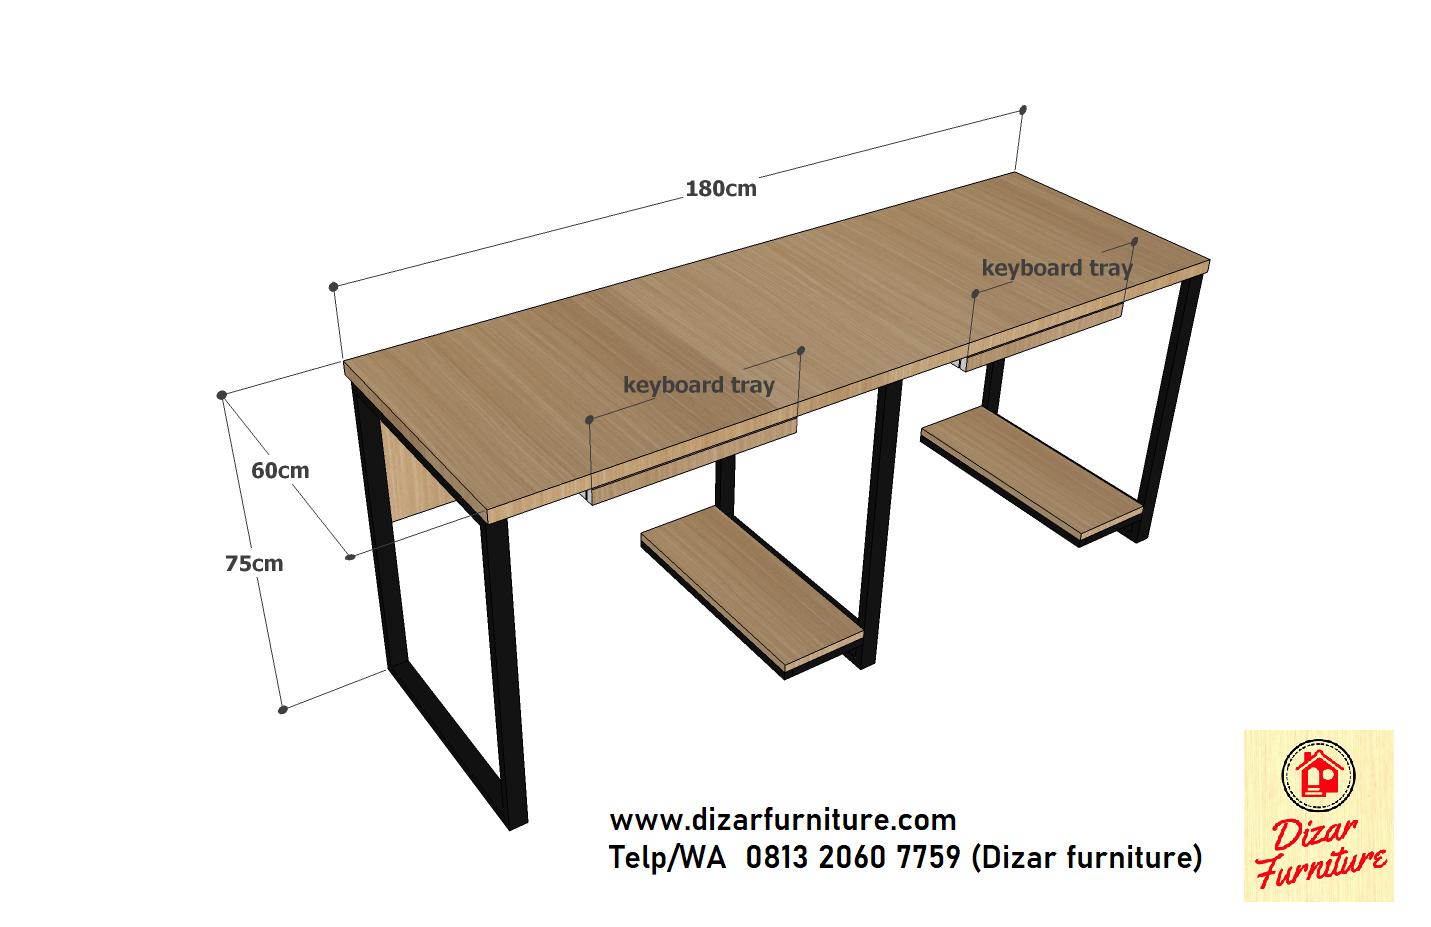 ukuran meja cubicle 2 orang